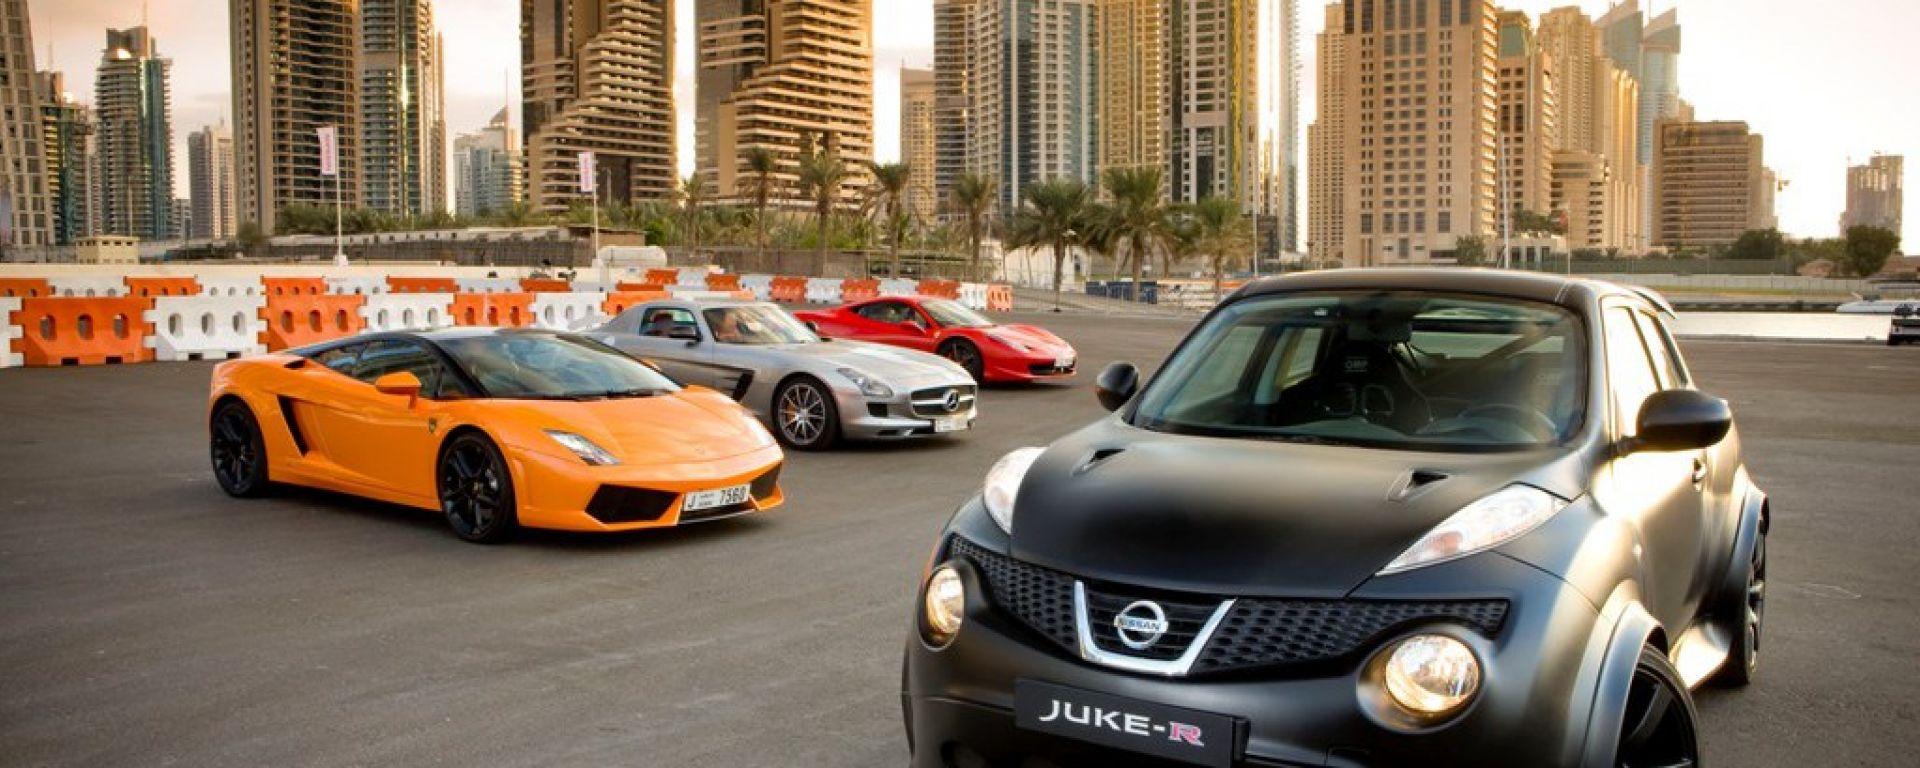 Nissan Juke-R: in arrivo una produzione in serie limitata